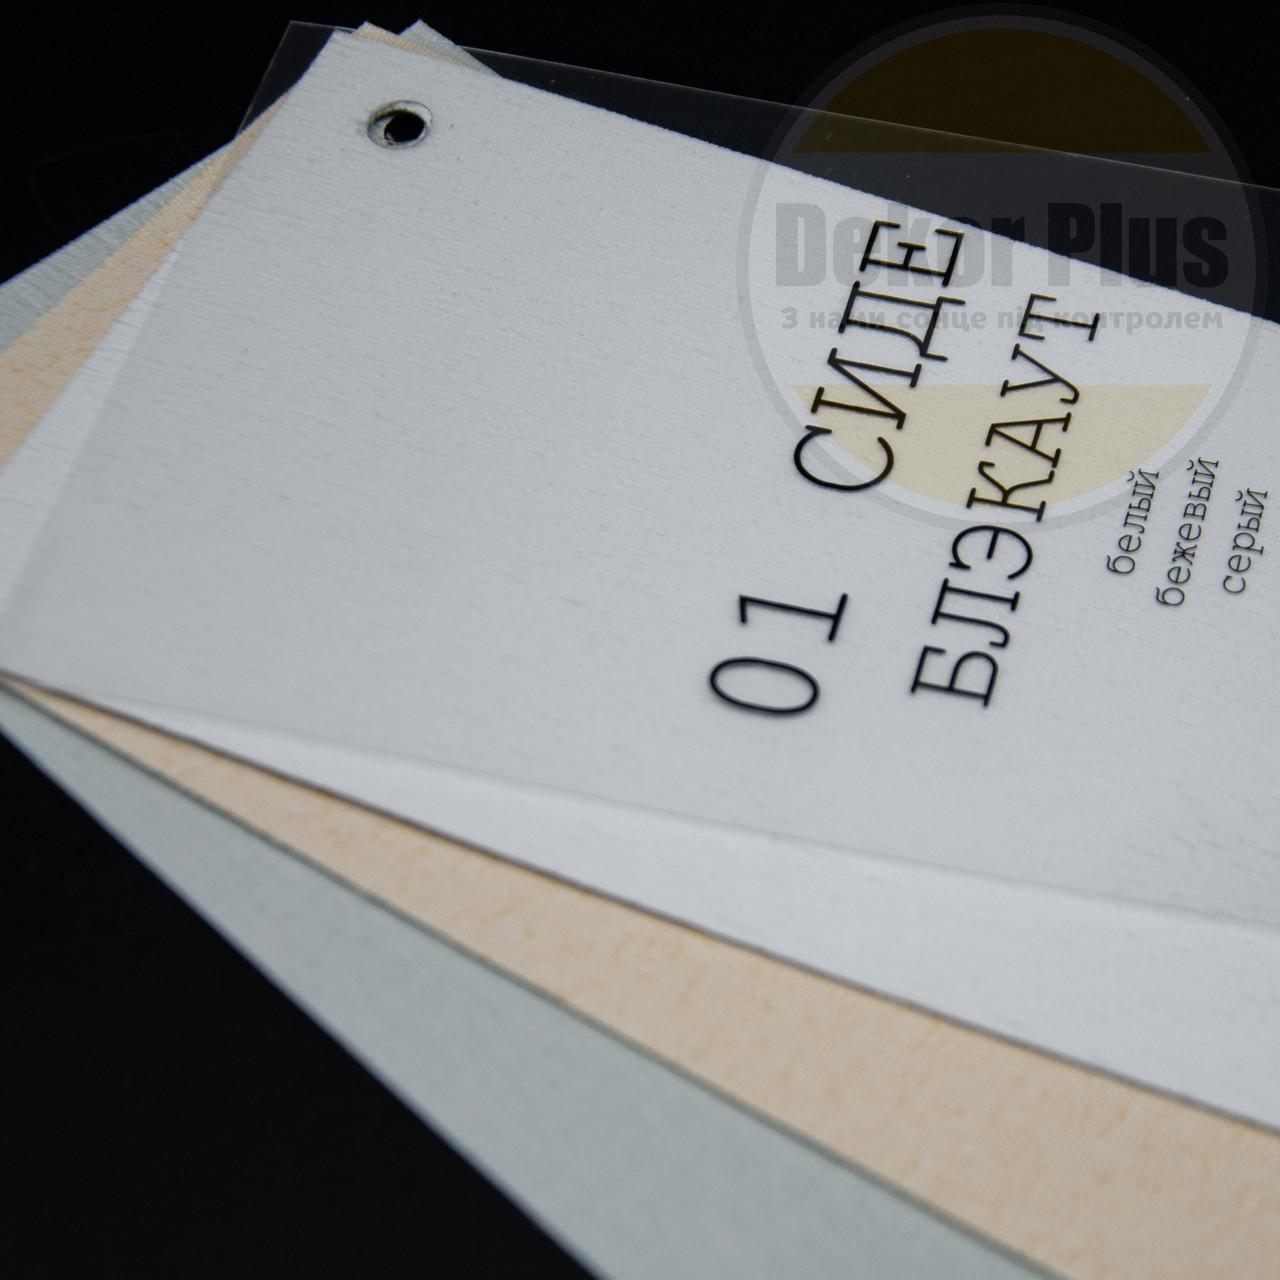 Вертикальні жалюзі 01 Сіде black-out 89мм (3 варіантів кольору)